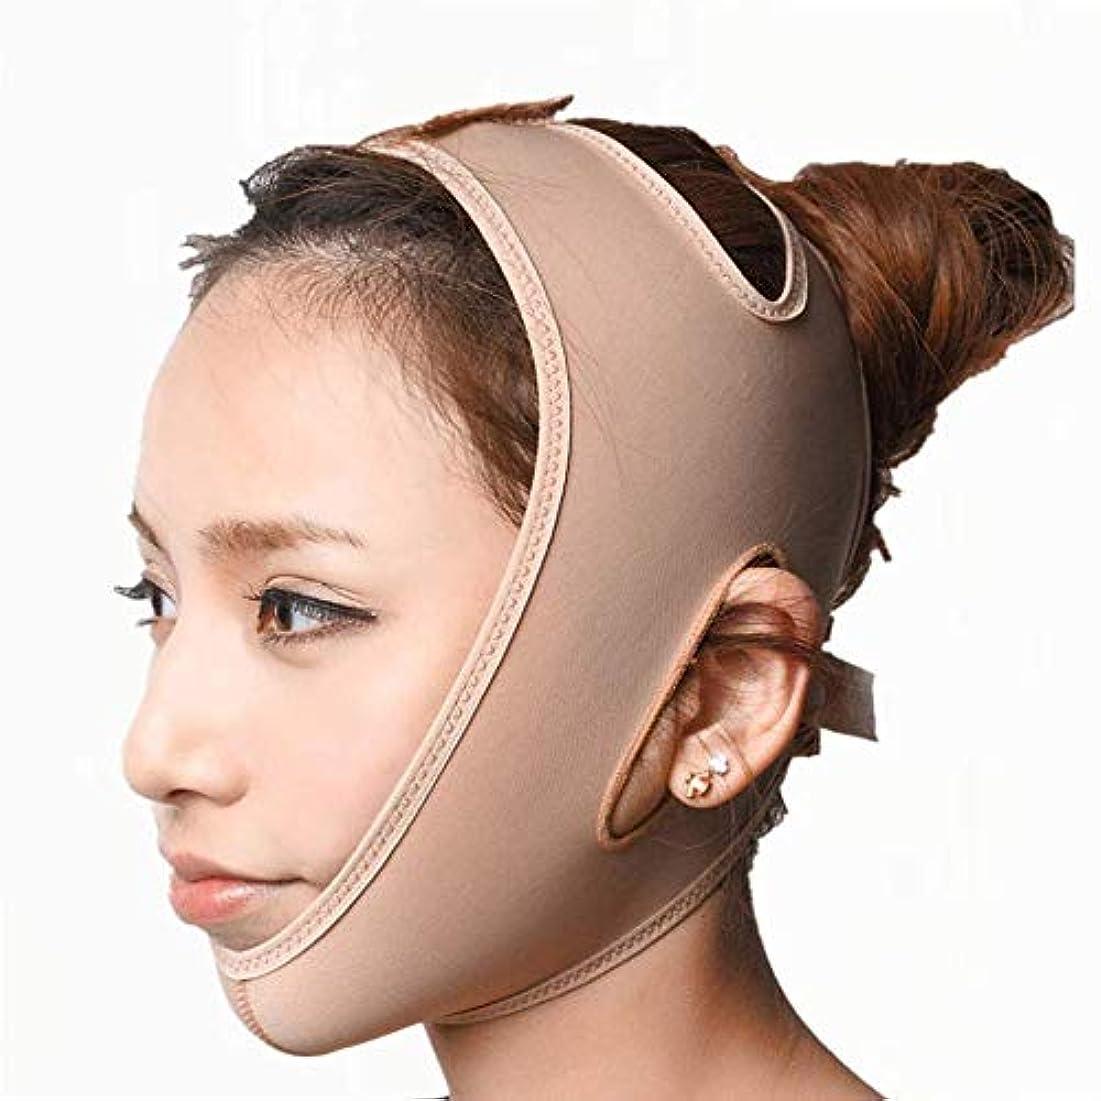 ダイヤル蒸留する美容師WSJTT 女性のための手術後のチンストラップ包帯 - 首とあごの圧縮衣服ラップ - フェイススリム、Jowl引き締め、チンリフティング医療アンチエイジングマスク